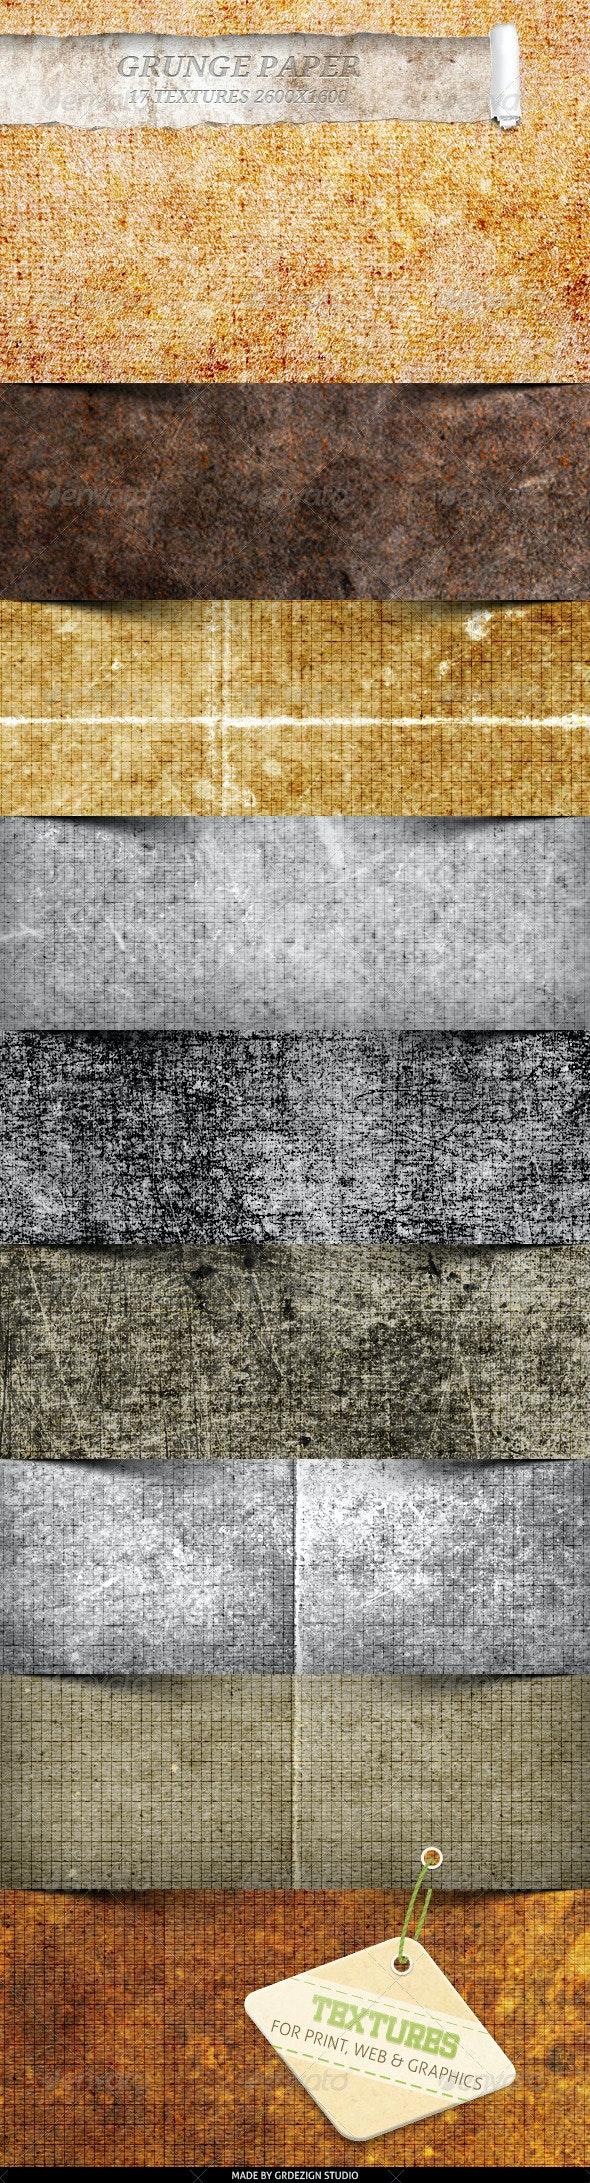 Grunge Paper Textures - Paper Textures